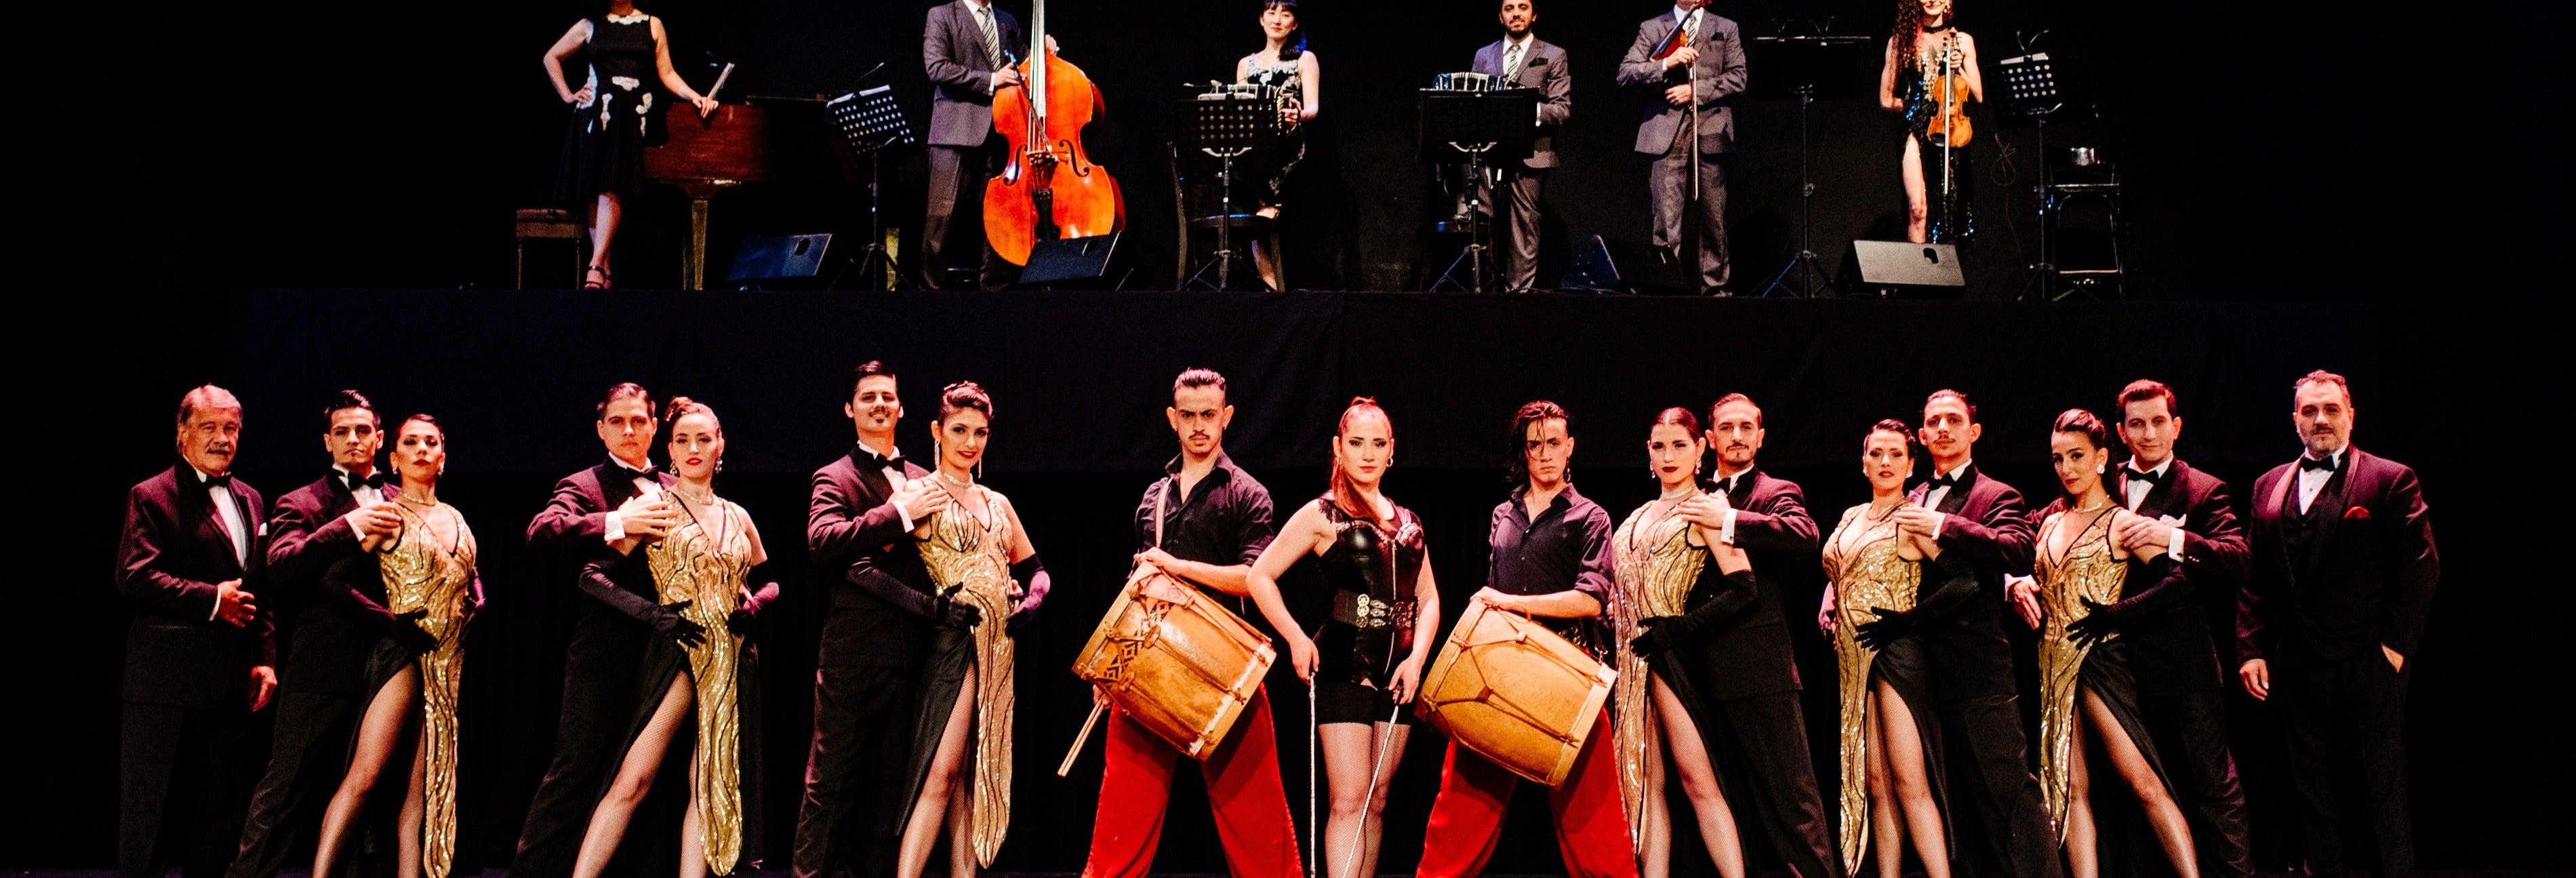 Espetáculo no teatro Tango Porteño